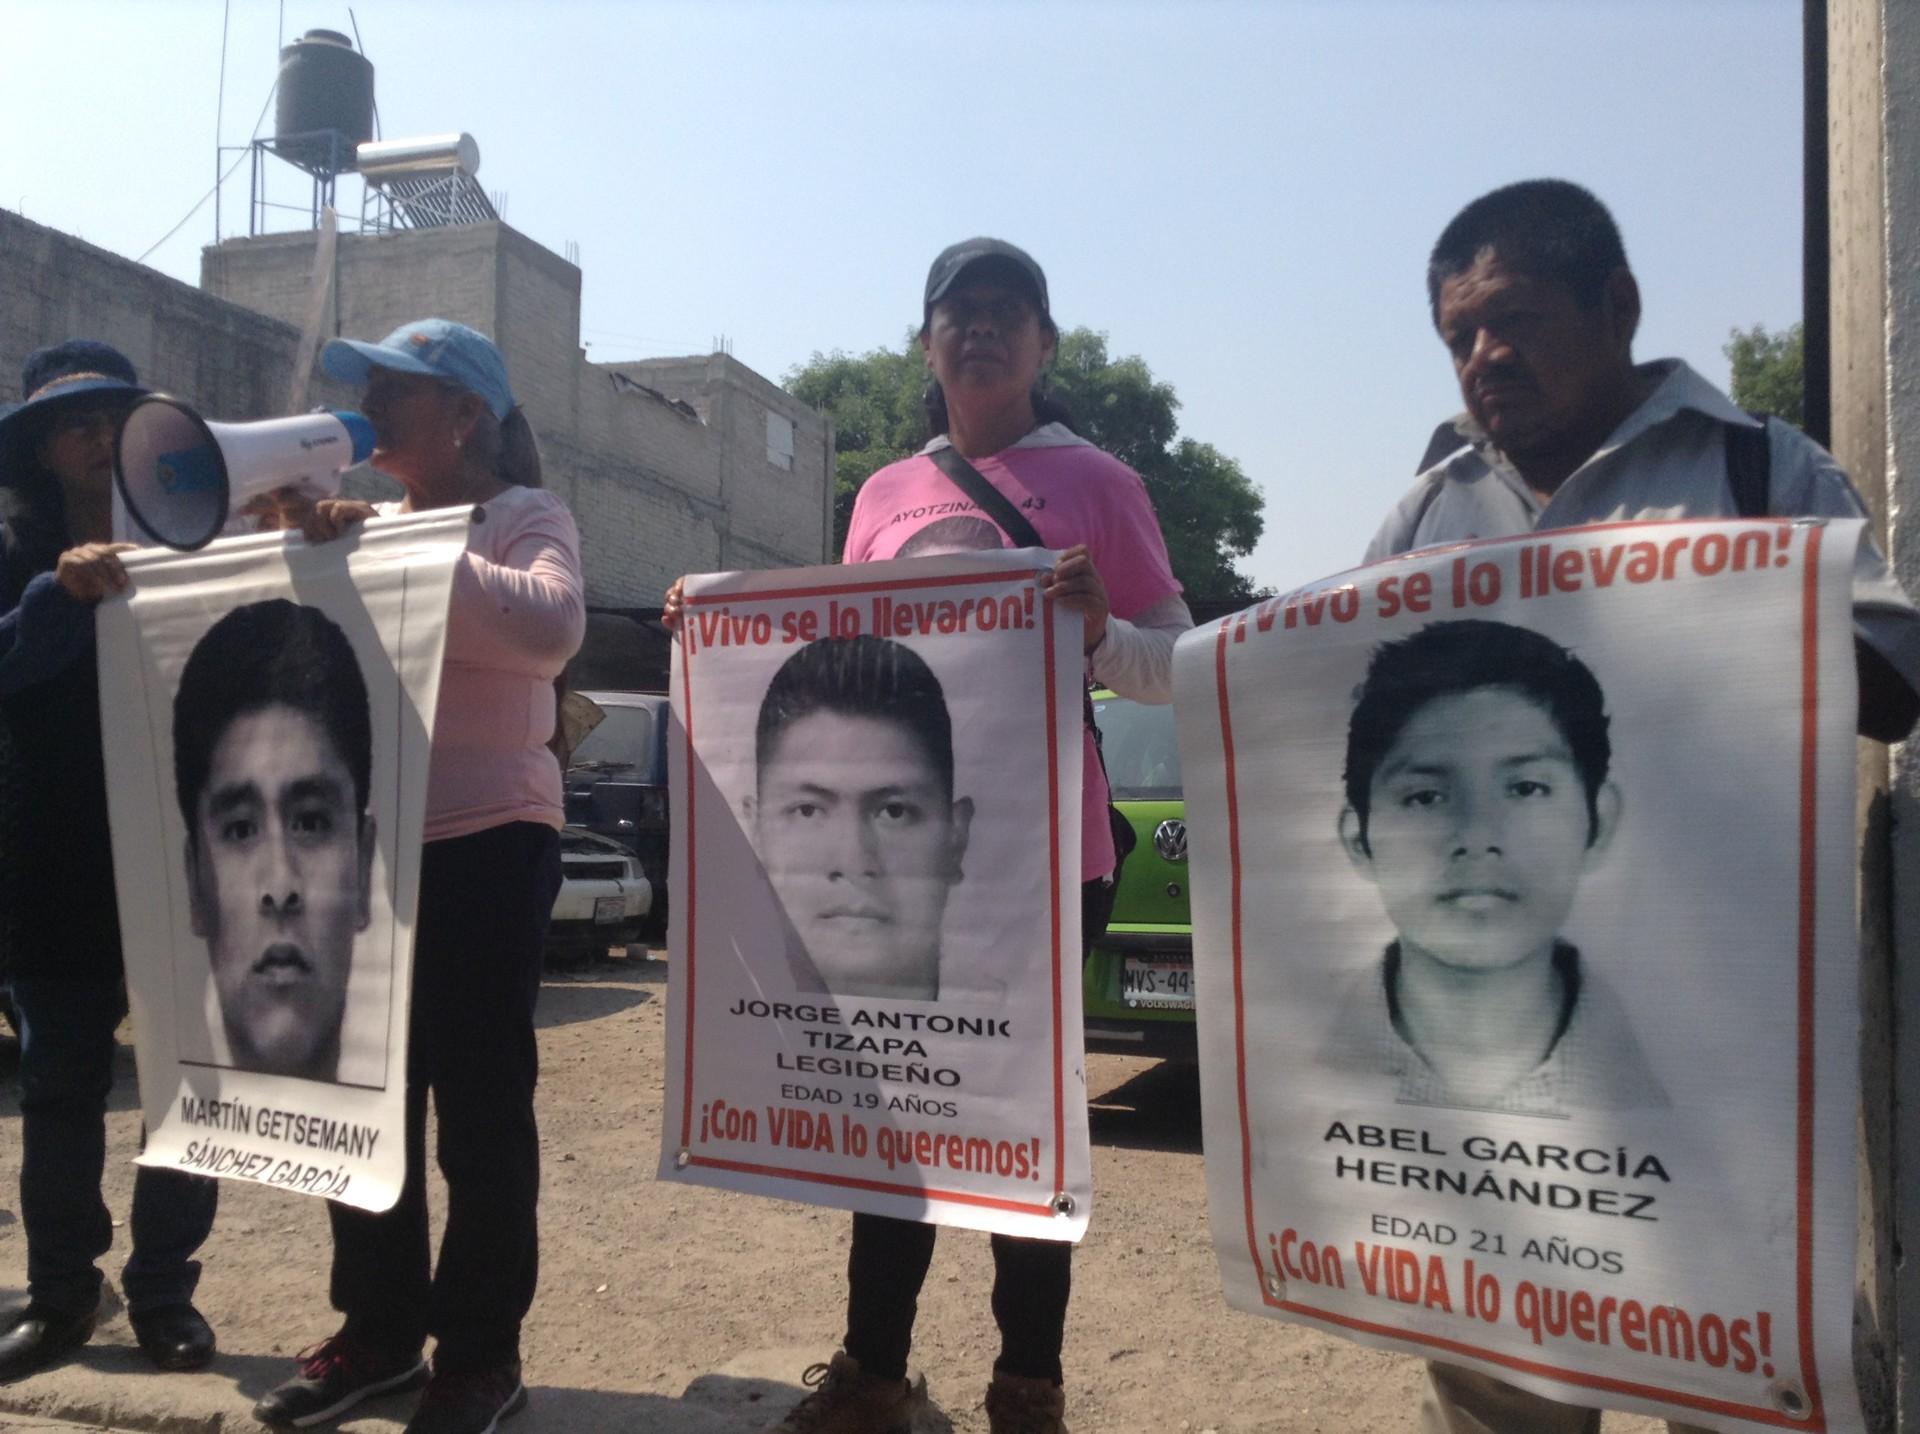 Familias de Ayotzinapa presentan el caso de la desaparición de sus hijos ante campesinos en el pueblo de Atenco